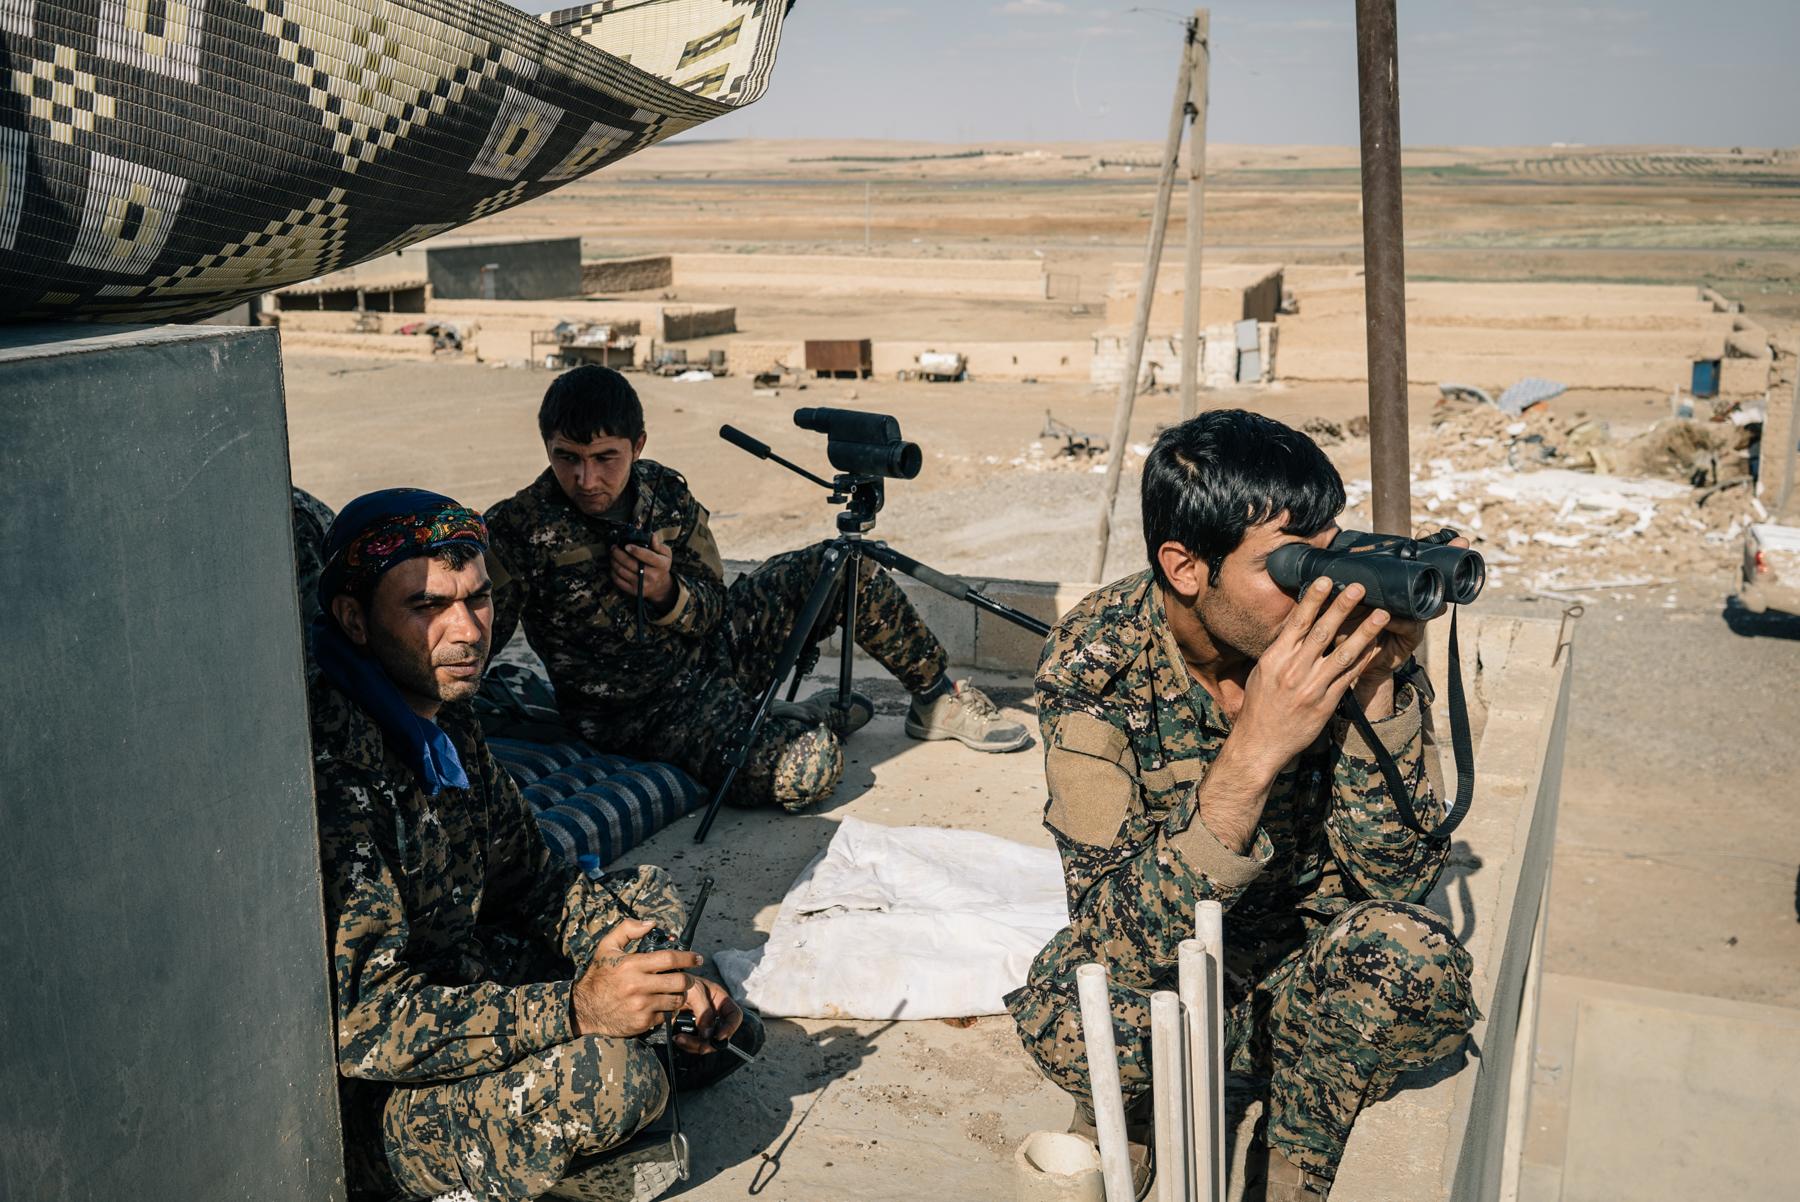 raqqa-der-spiegel-05860.jpg